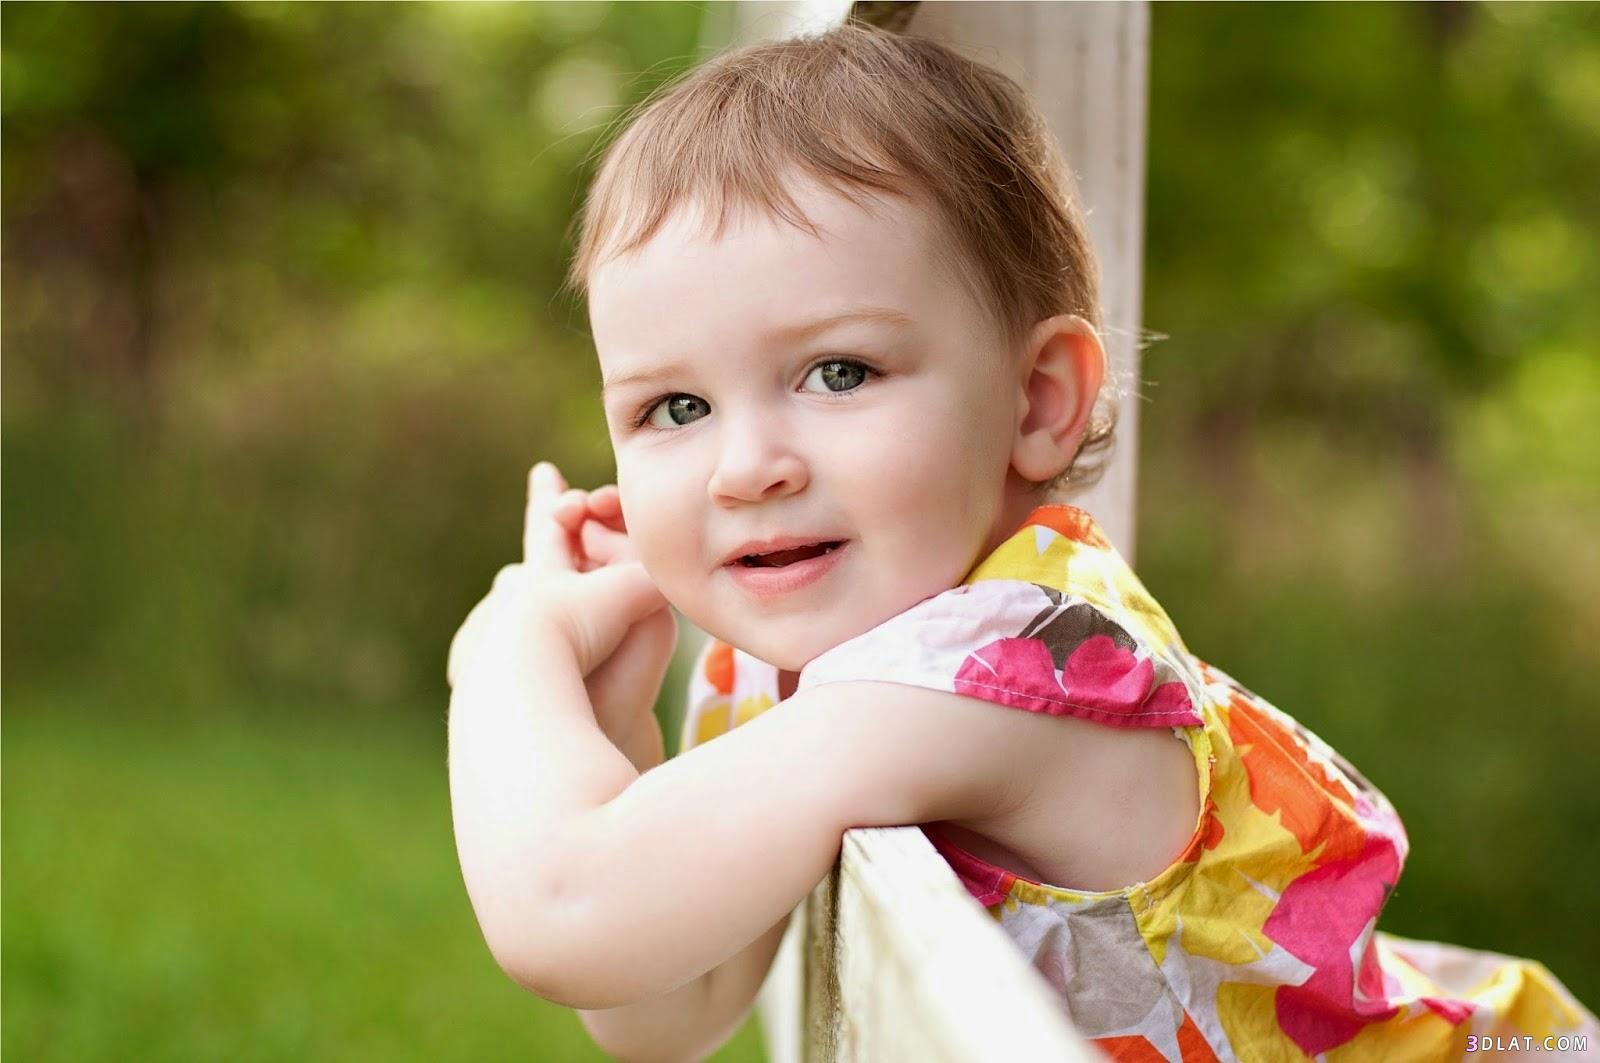 أطفال منتهي الجمال والبراءه ,صور اطفال 3dlat.com_17_18_c830